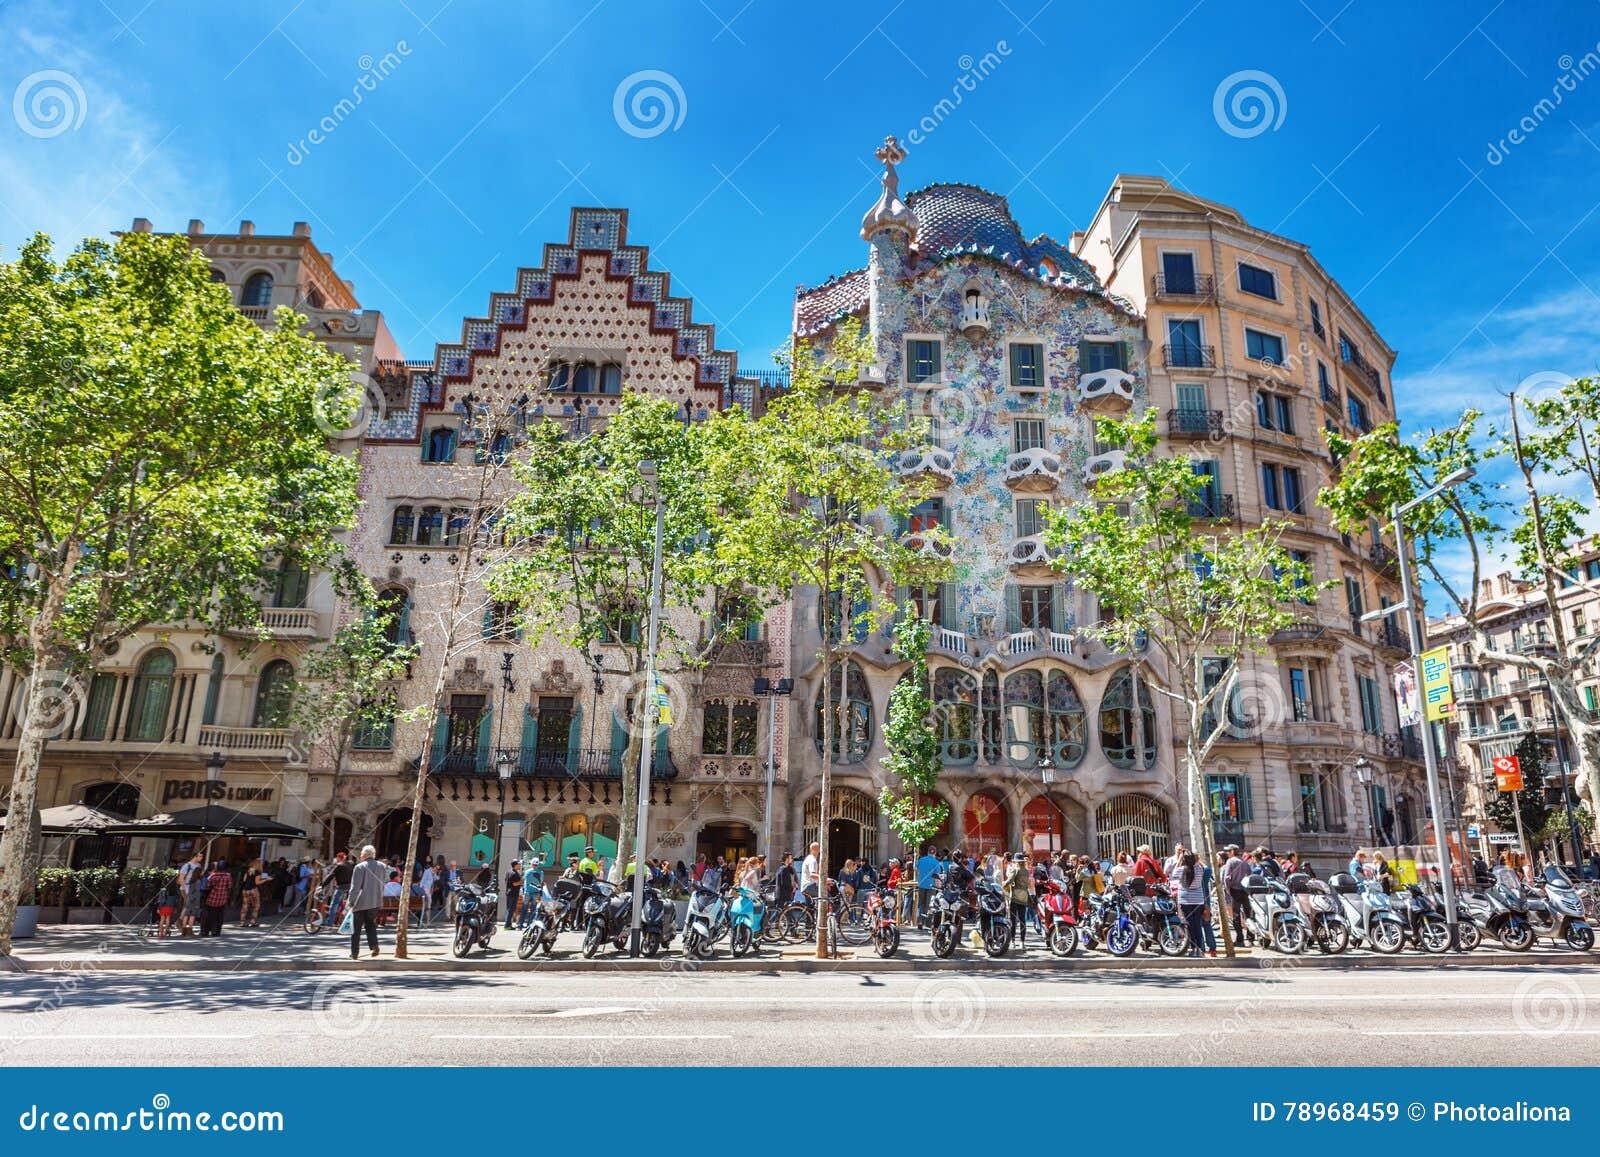 Barcelona, España - 18 de abril de 2016: Illa de la Discordia Casa Batllo, Lleo Morera, Rocamora, Amatller de la fachada en el di